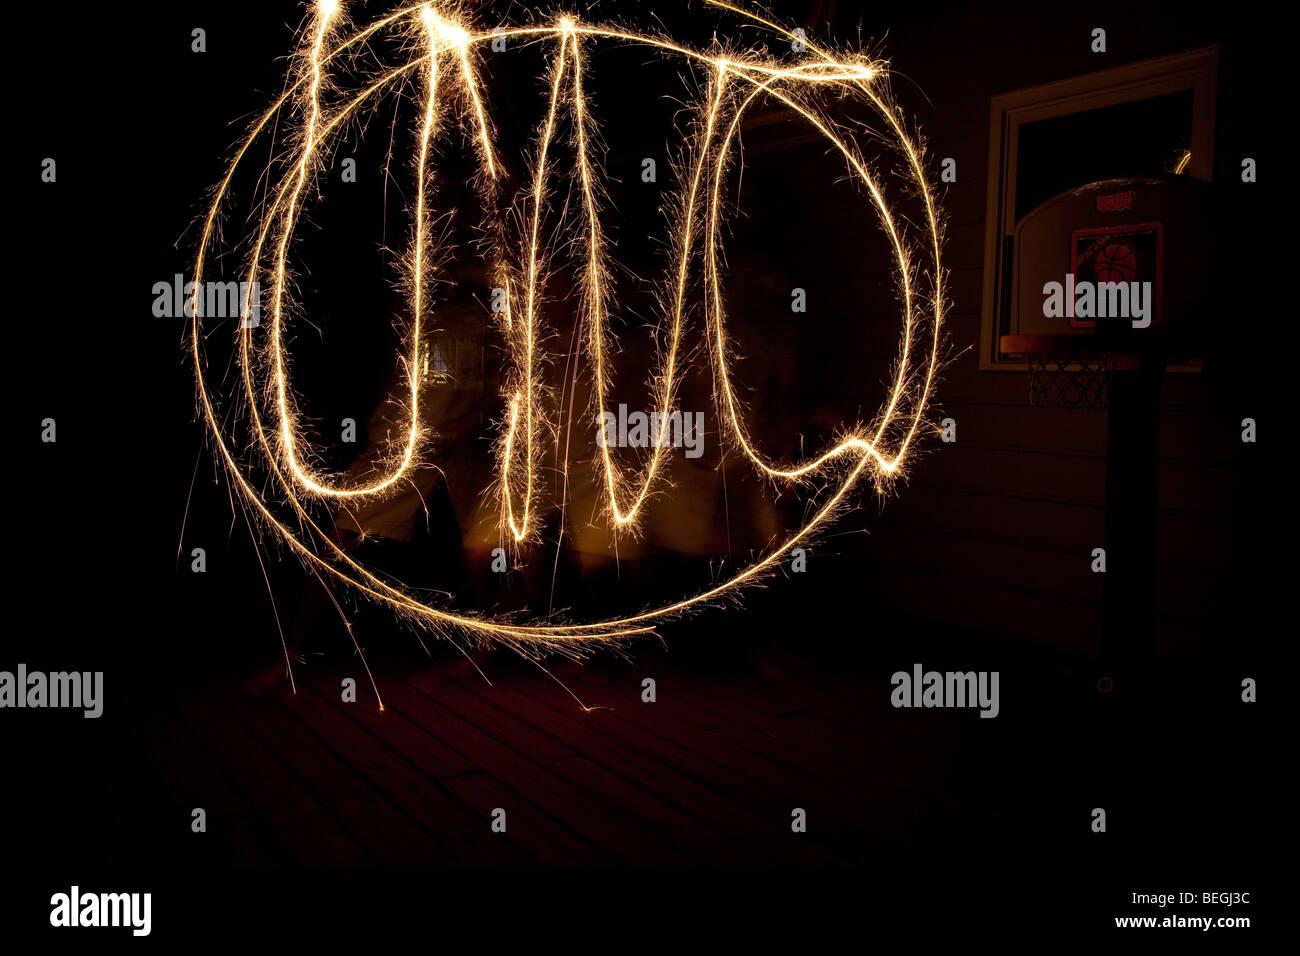 Sparkler celebration of the University of North Carolina UNC - Stock Image